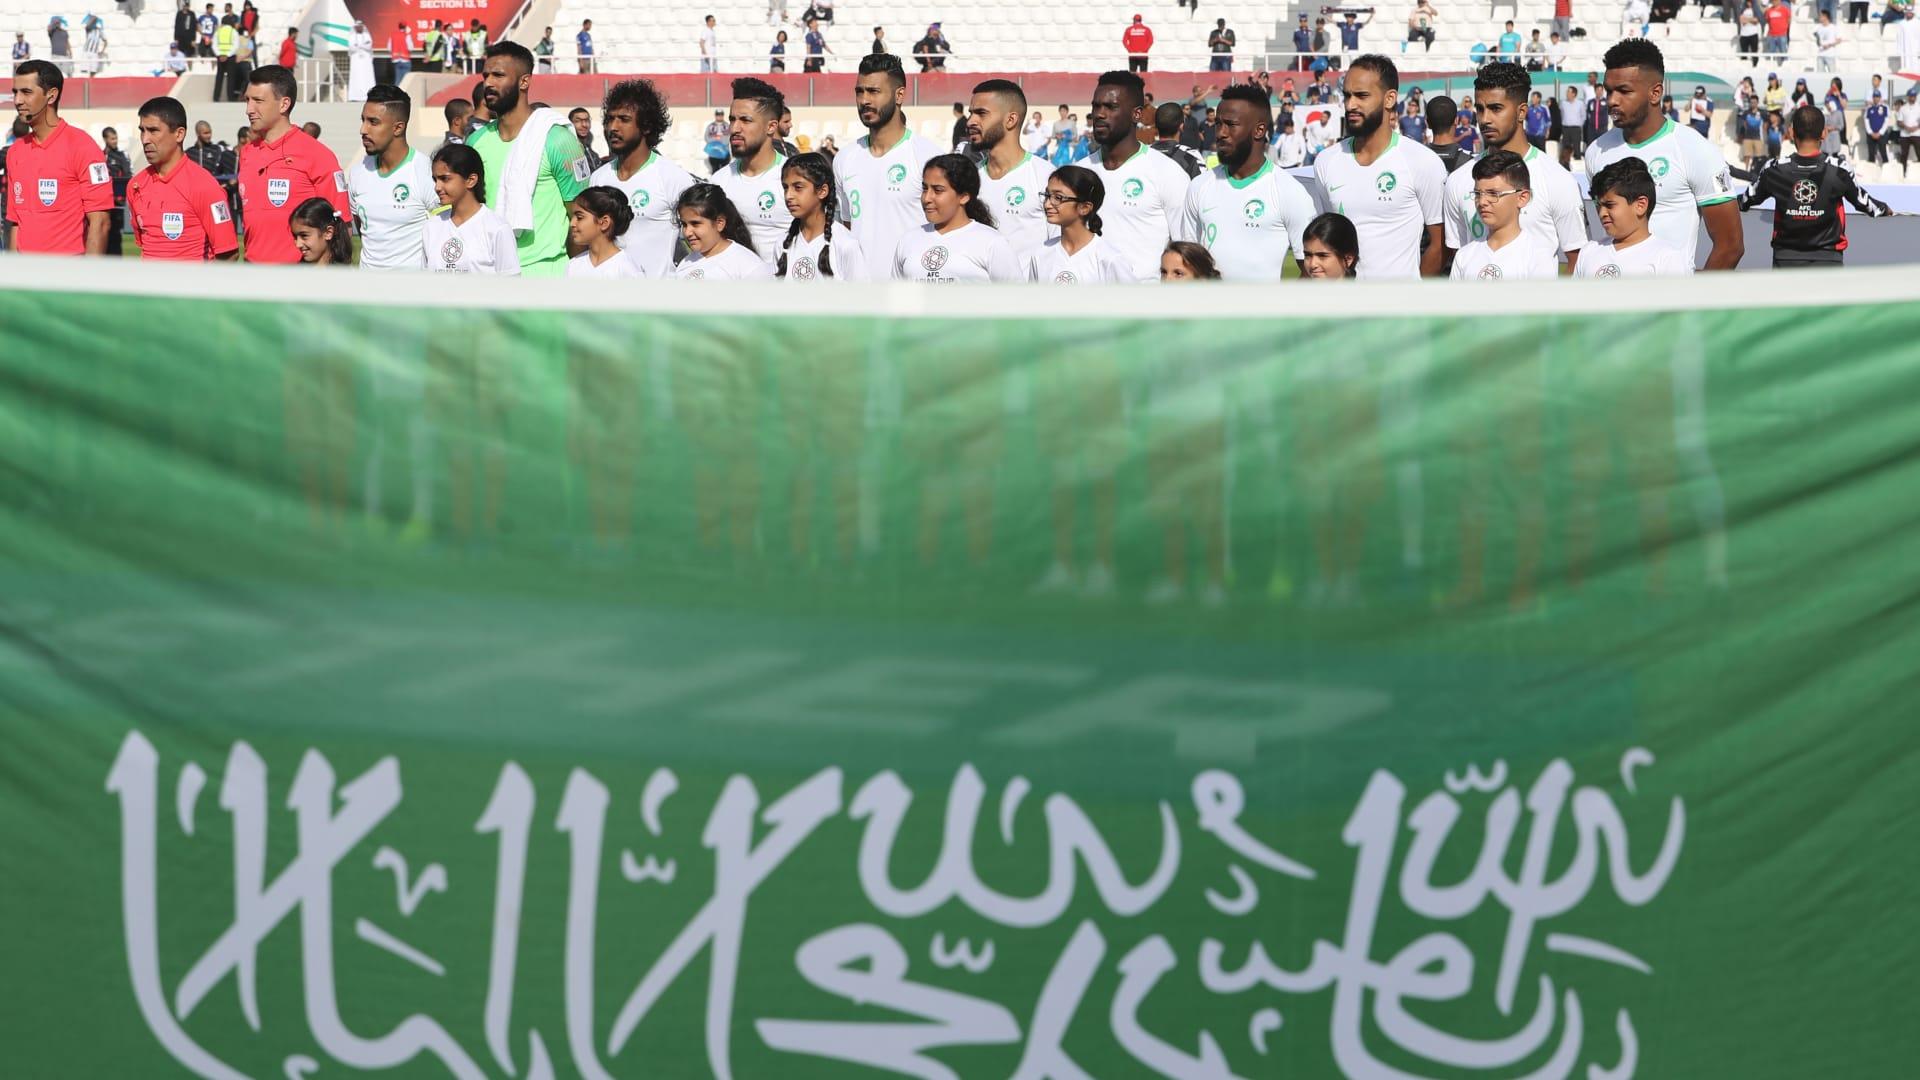 من التنظيف إلى التدريب.. هكذا كانت حياة مدرب السعودية الجديد